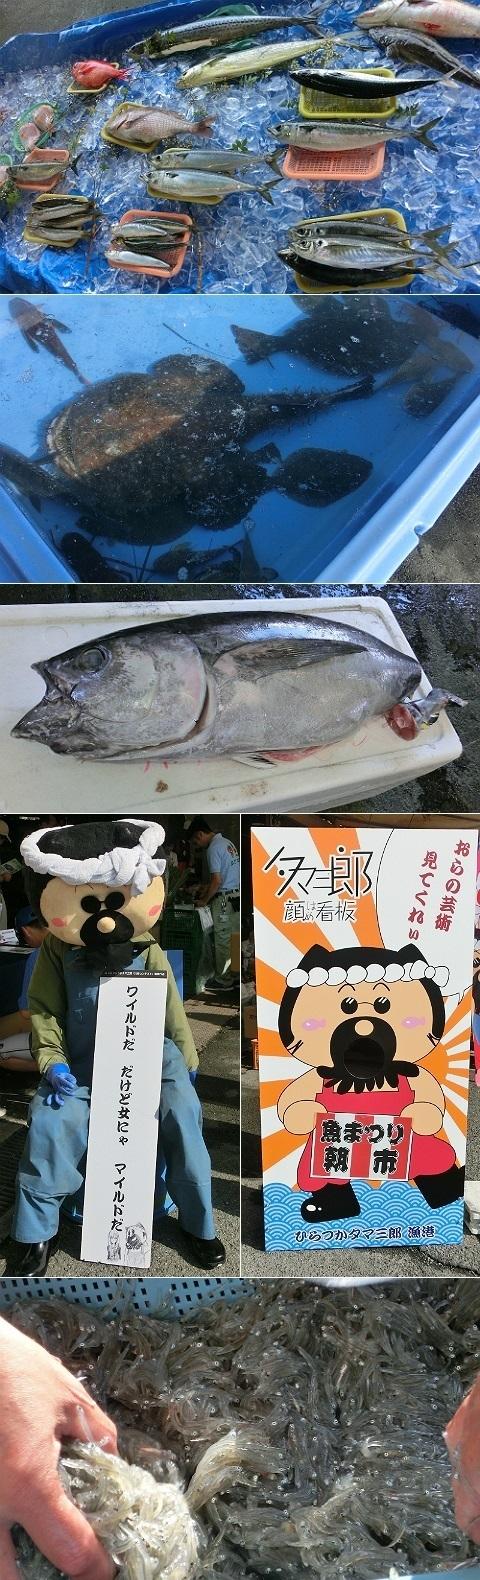 平成28年度 湘南ひらつか魚まつり朝市 1